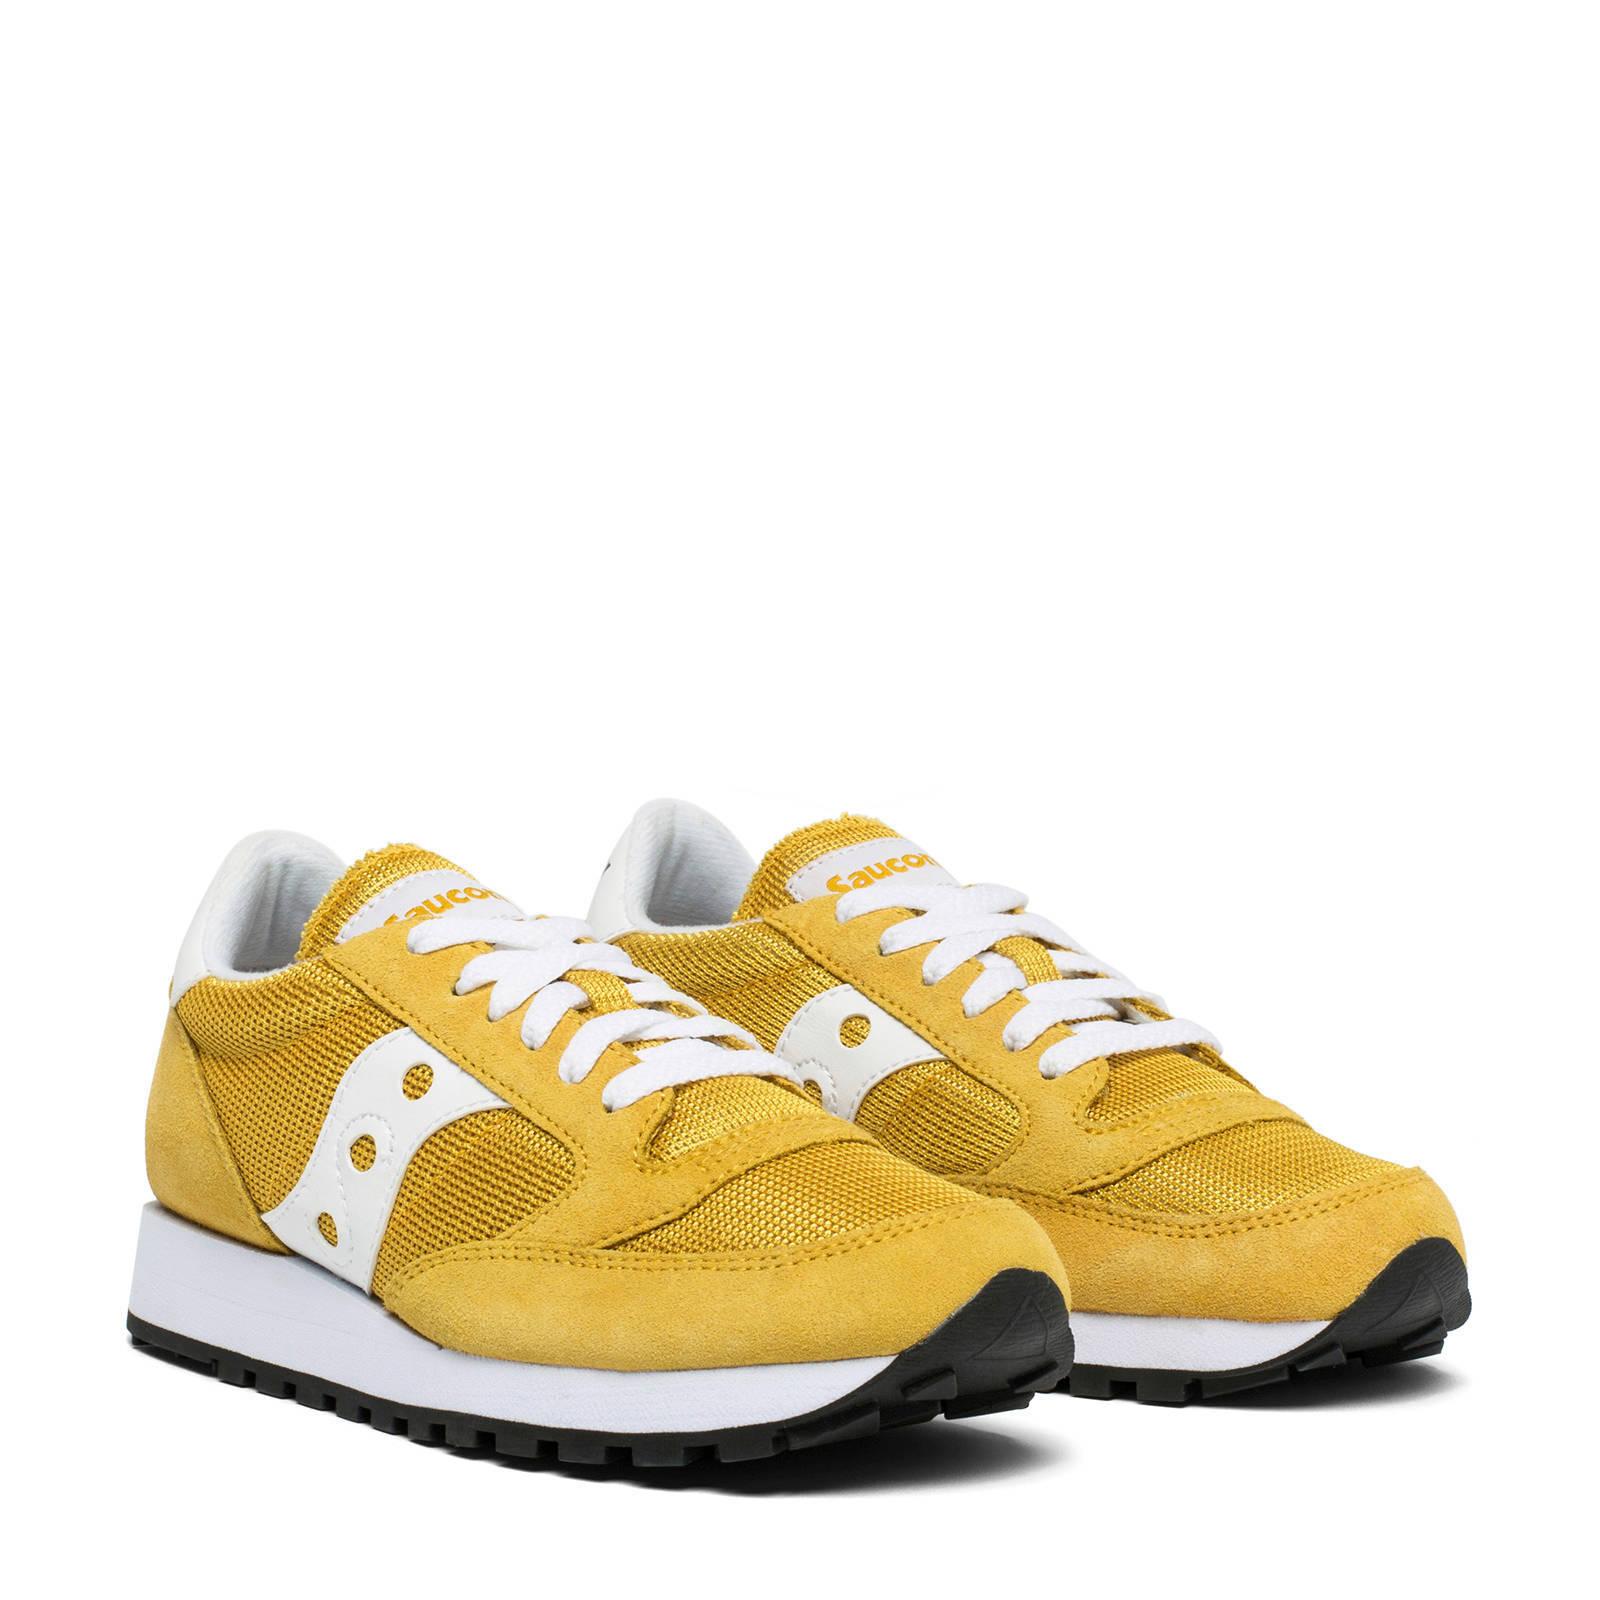 buy \u003e saucony sneakers geel, Up to 74% OFF